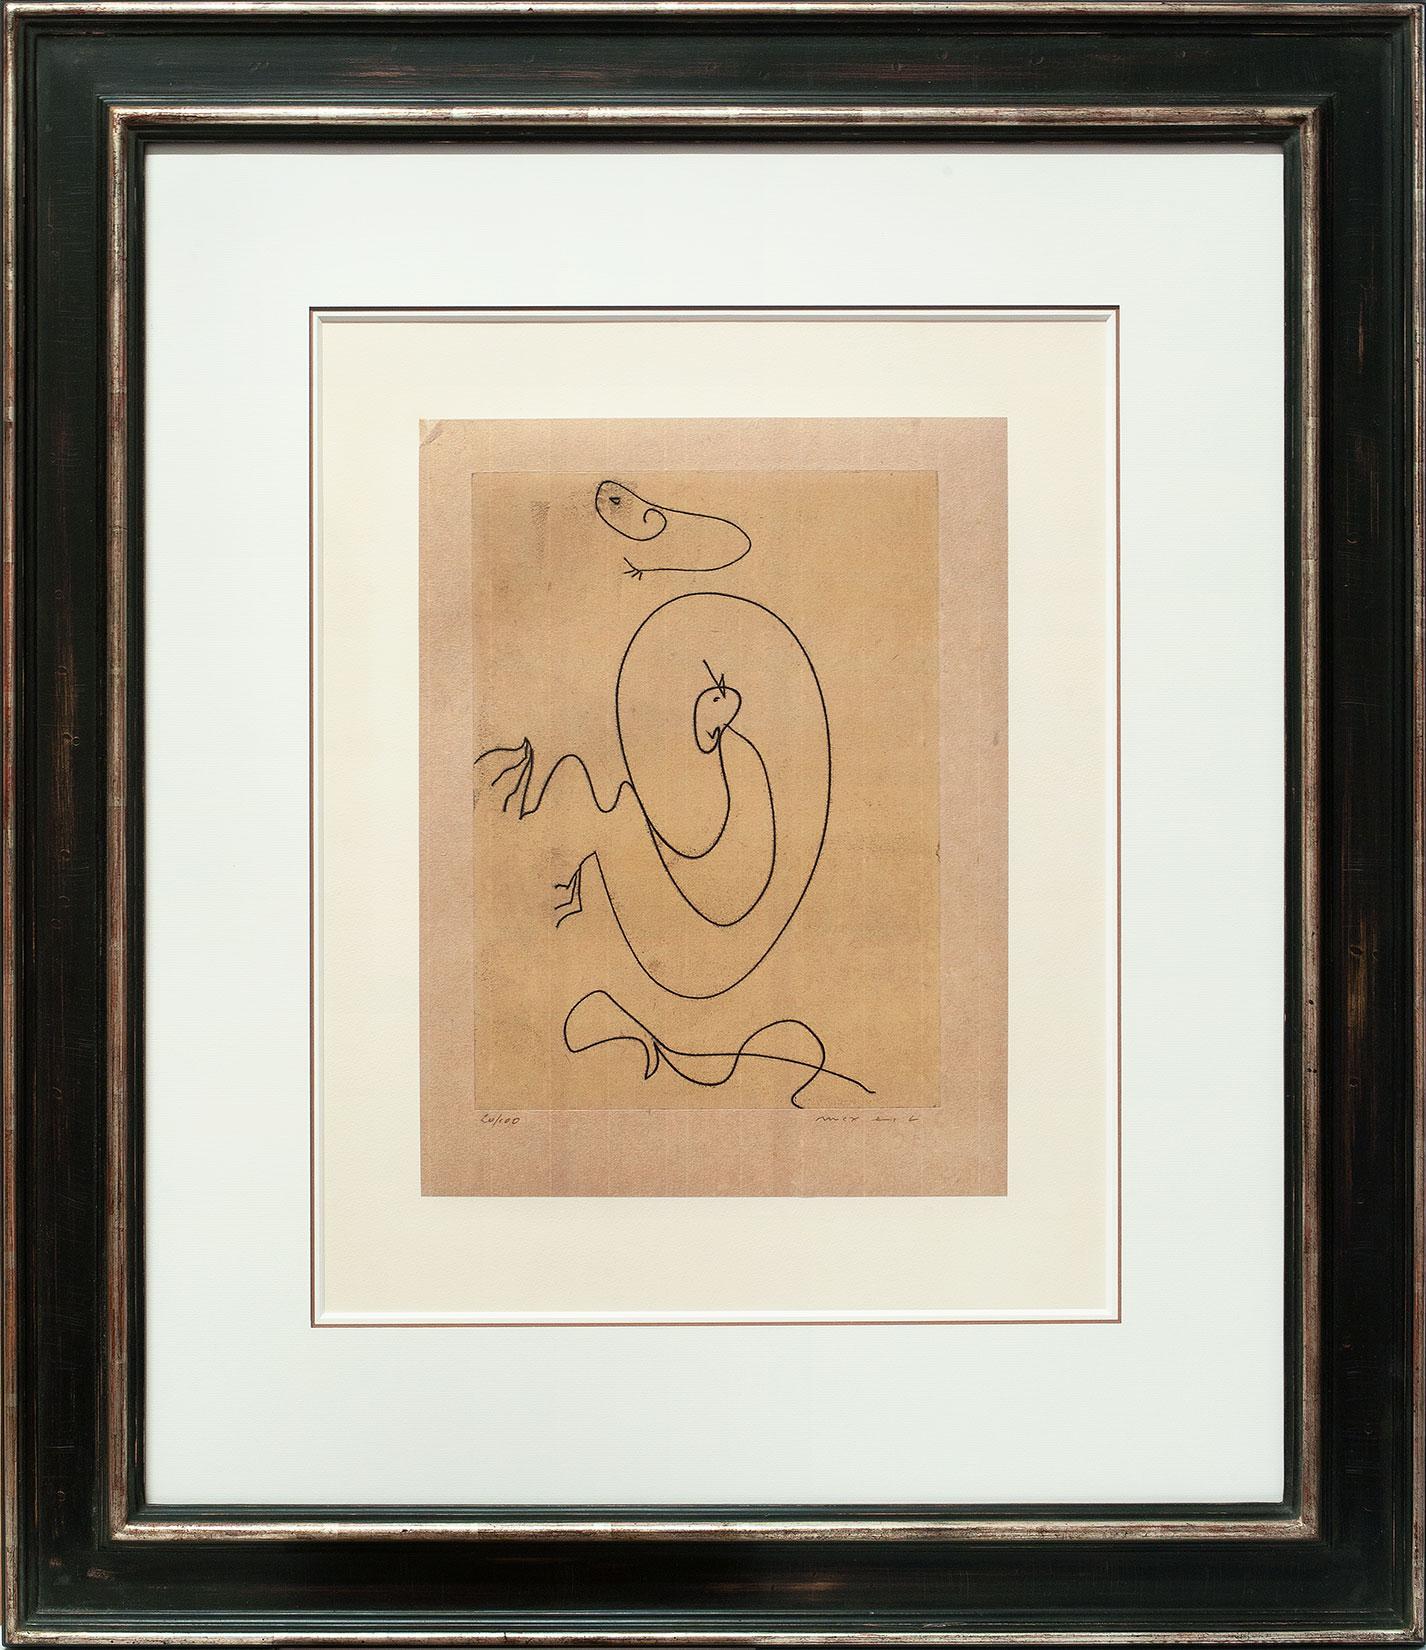 Max Ernst « Ohne Titel » Galerie Française